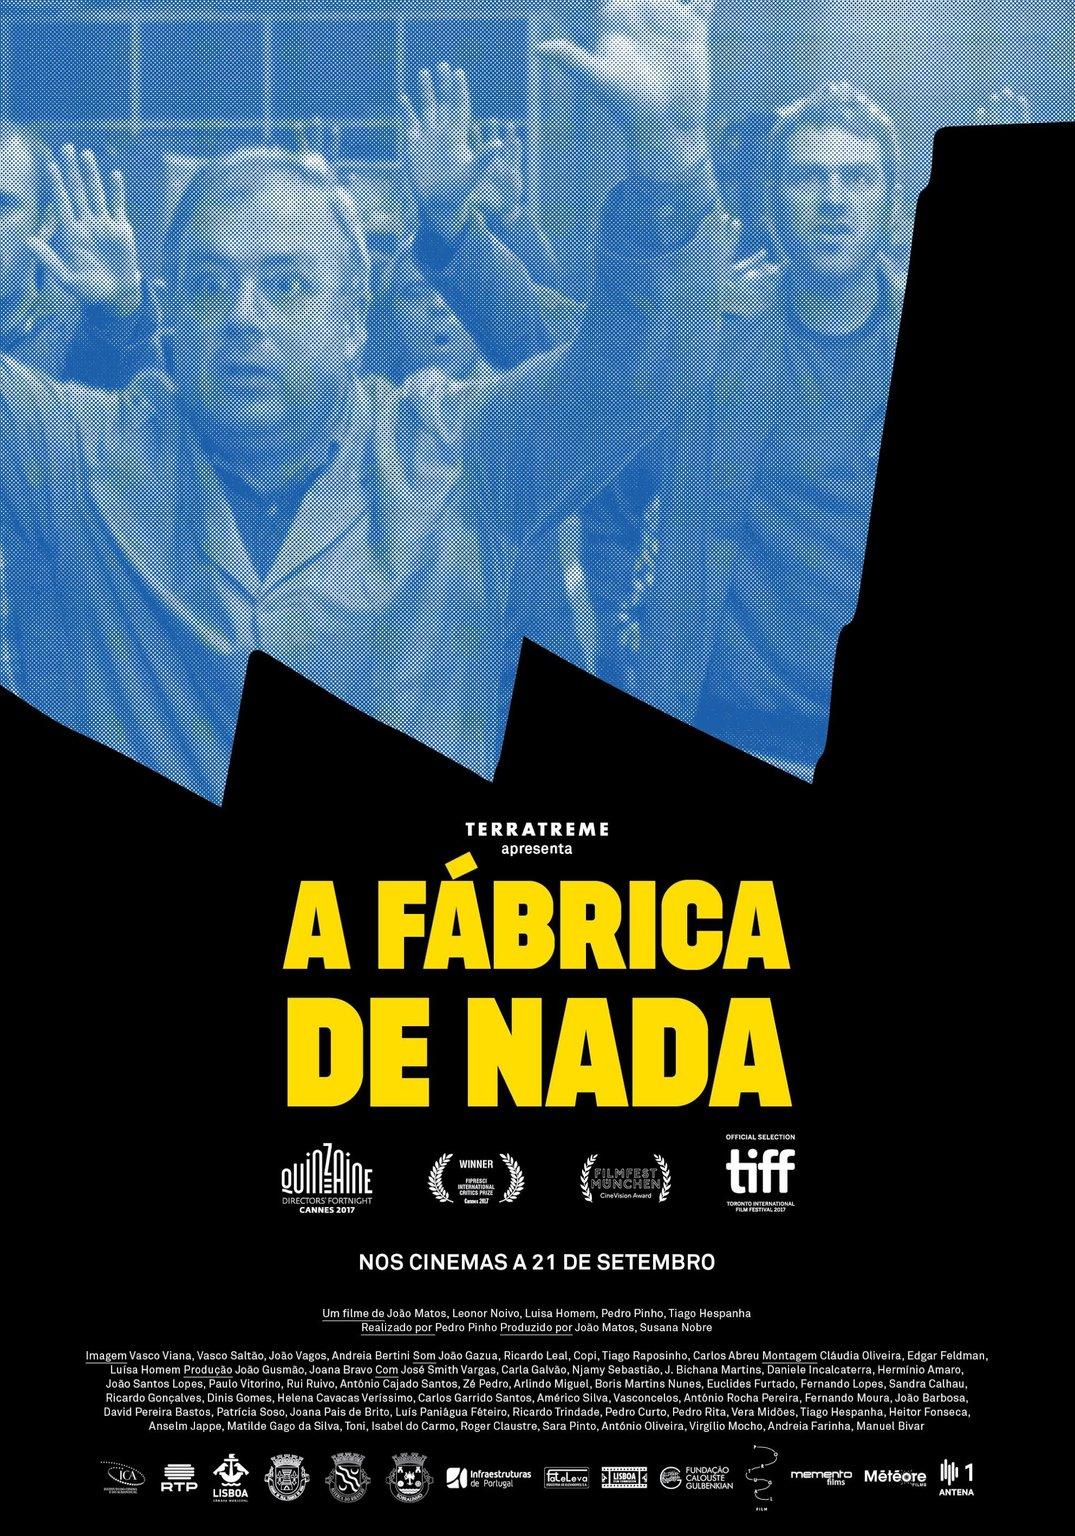 A Fábrica de Nada (2017), filme de Pedro Pinho, produzido por Terratreme